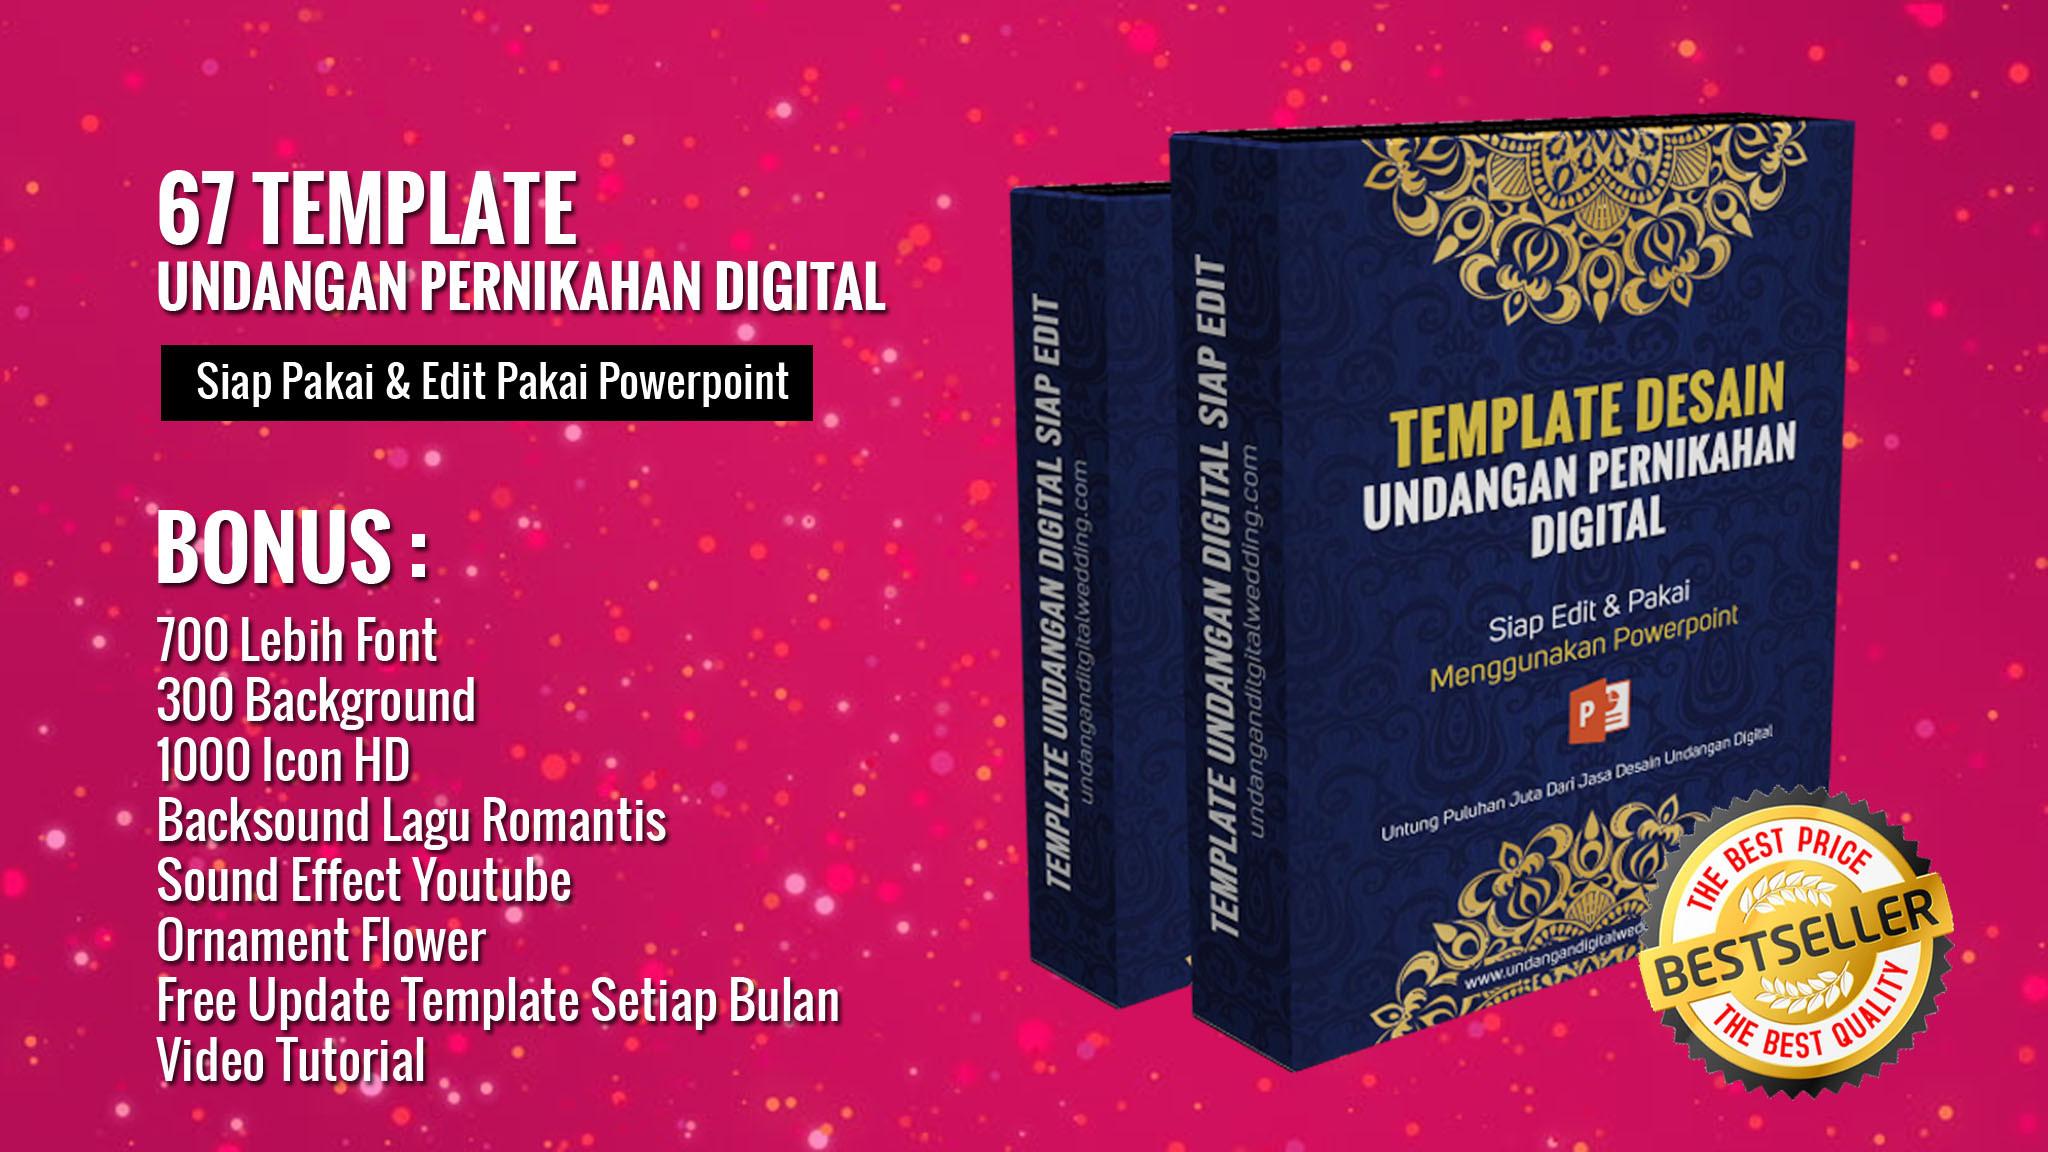 Jual Template Undangan Digital Ppt Dari Irfan Seharga 10 Digitaloka